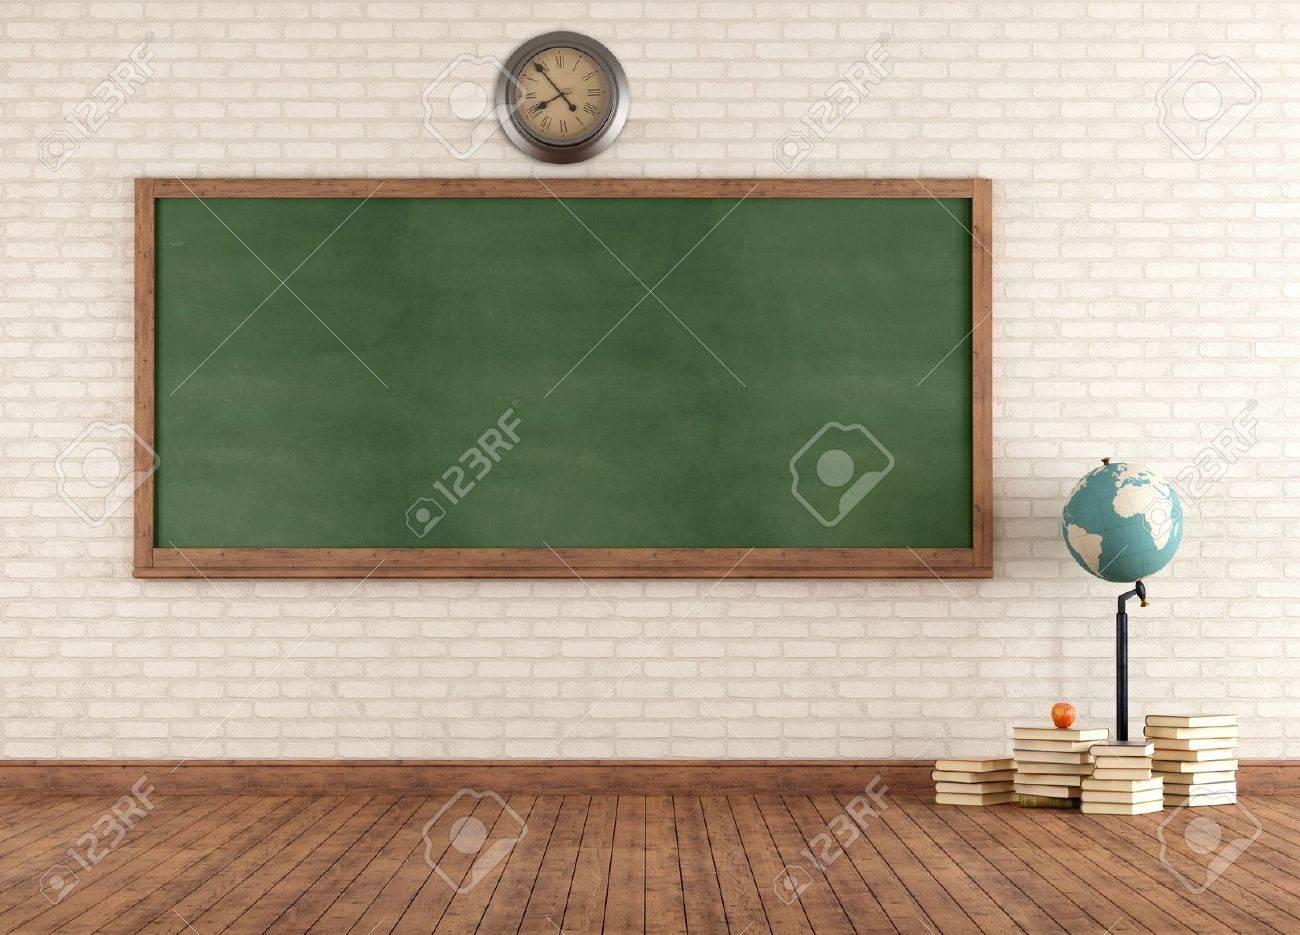 Verrassend Leere Klassenzimmer Mit Vintage Grünen Tafel Gegen Mauer JG-11